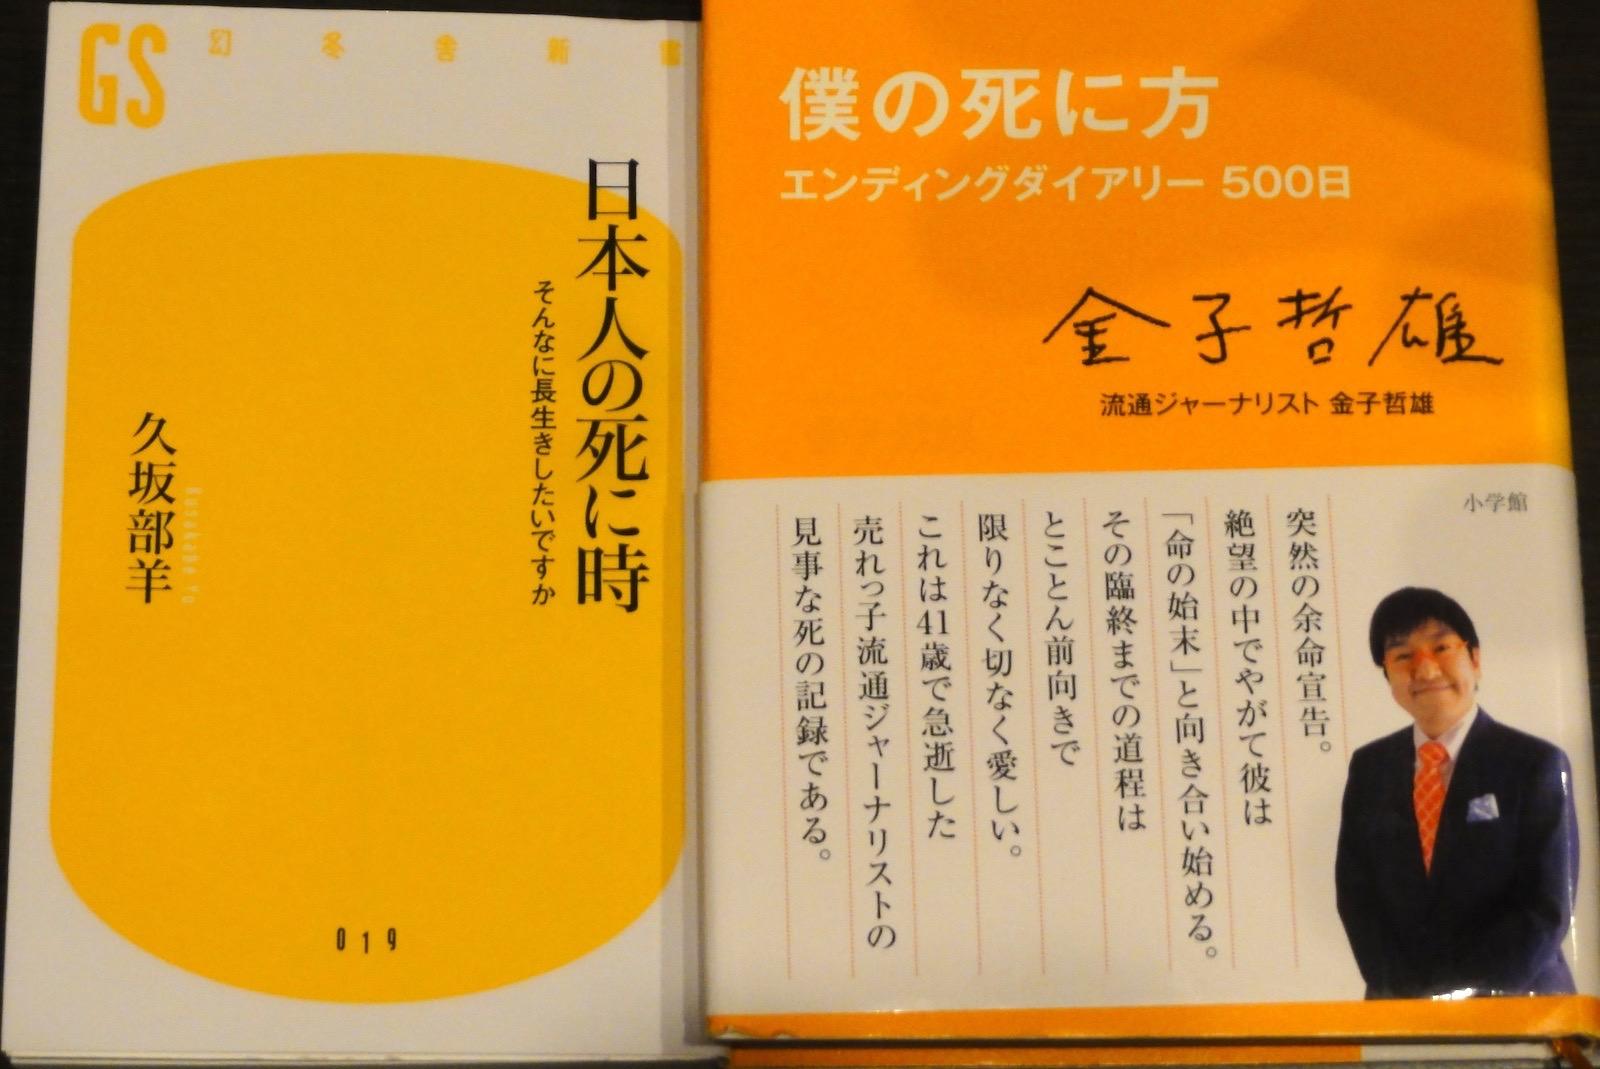 白石麻衣、2nd写真集のタイトルは『パスポート』 発売日に出版記念お渡し会開催